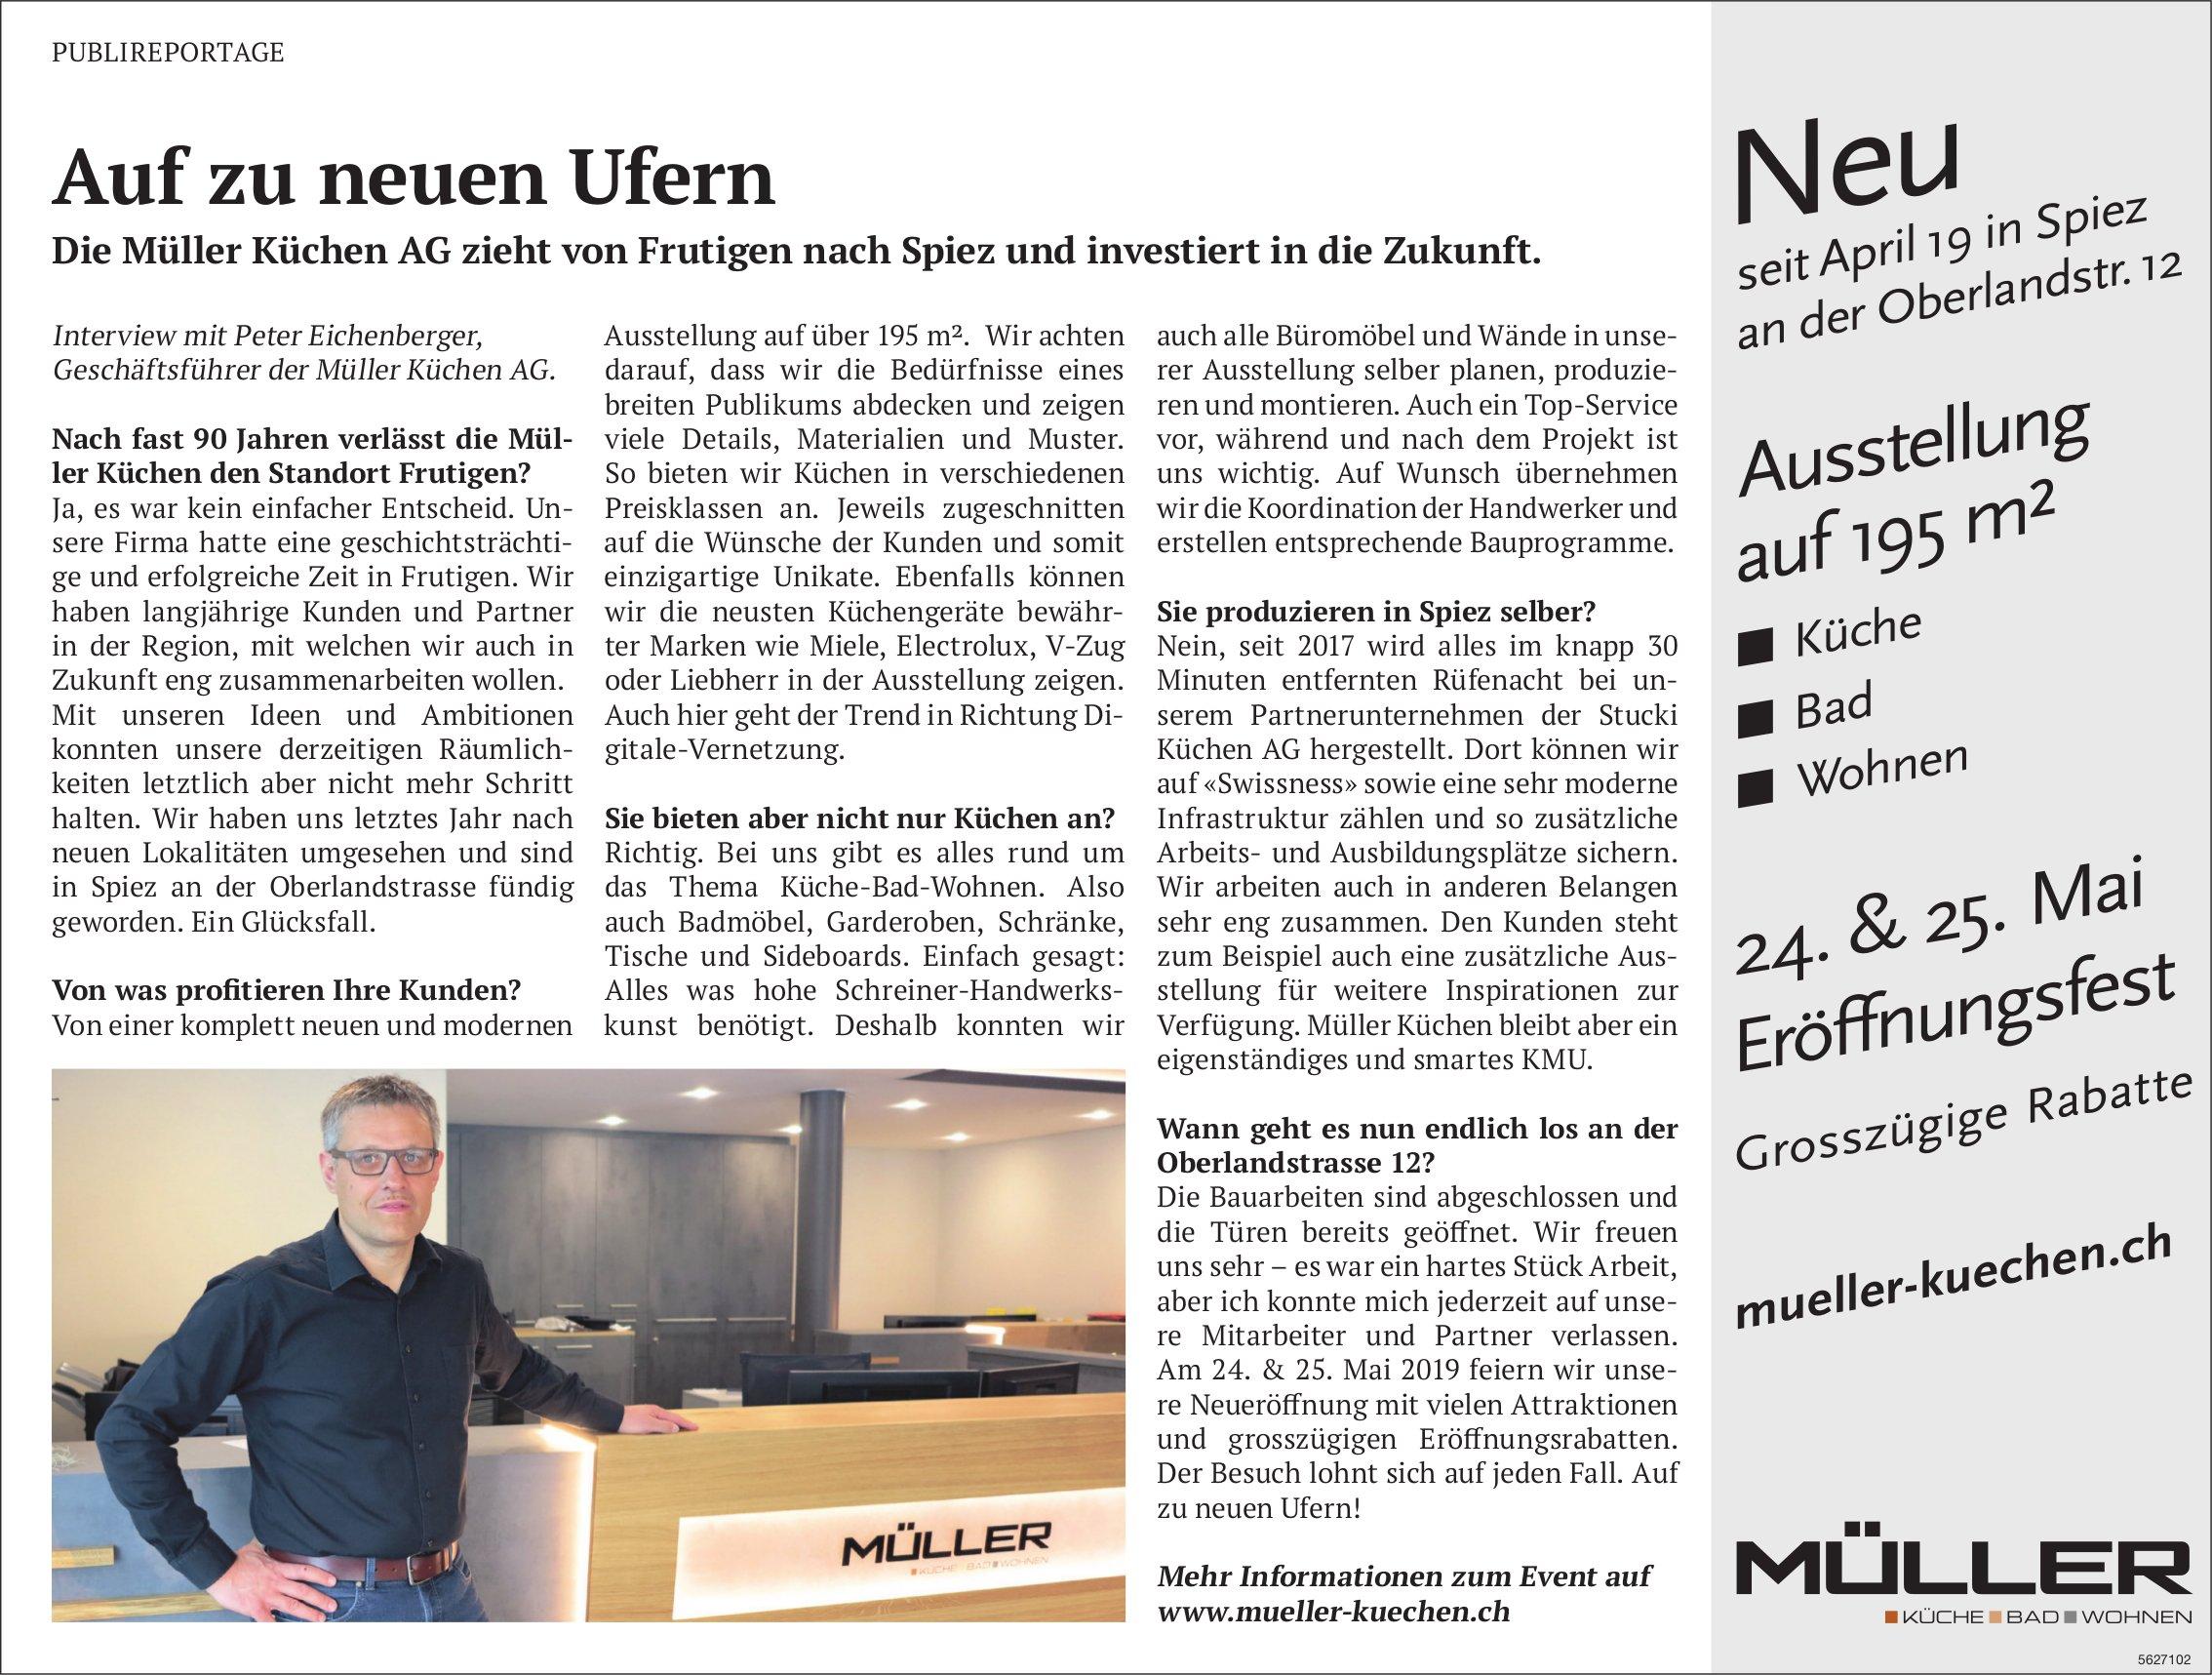 Eröffnungsfest, 24./25. Mai - Auf zu neuen Ufern, Müller Küchen AG zieht von Frutigen nach Spiez